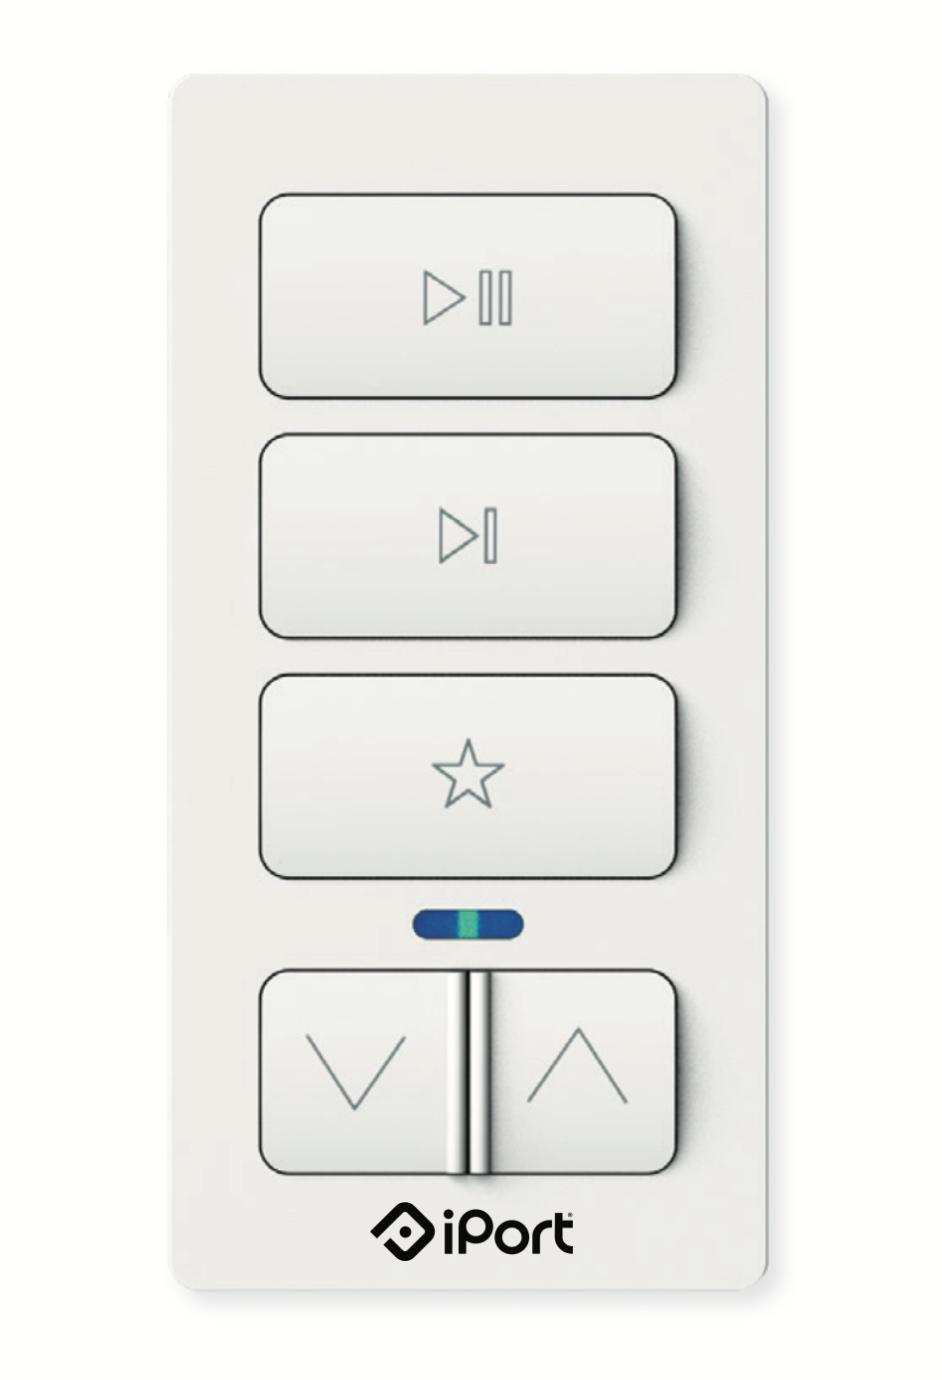 Keypadproducthero.png